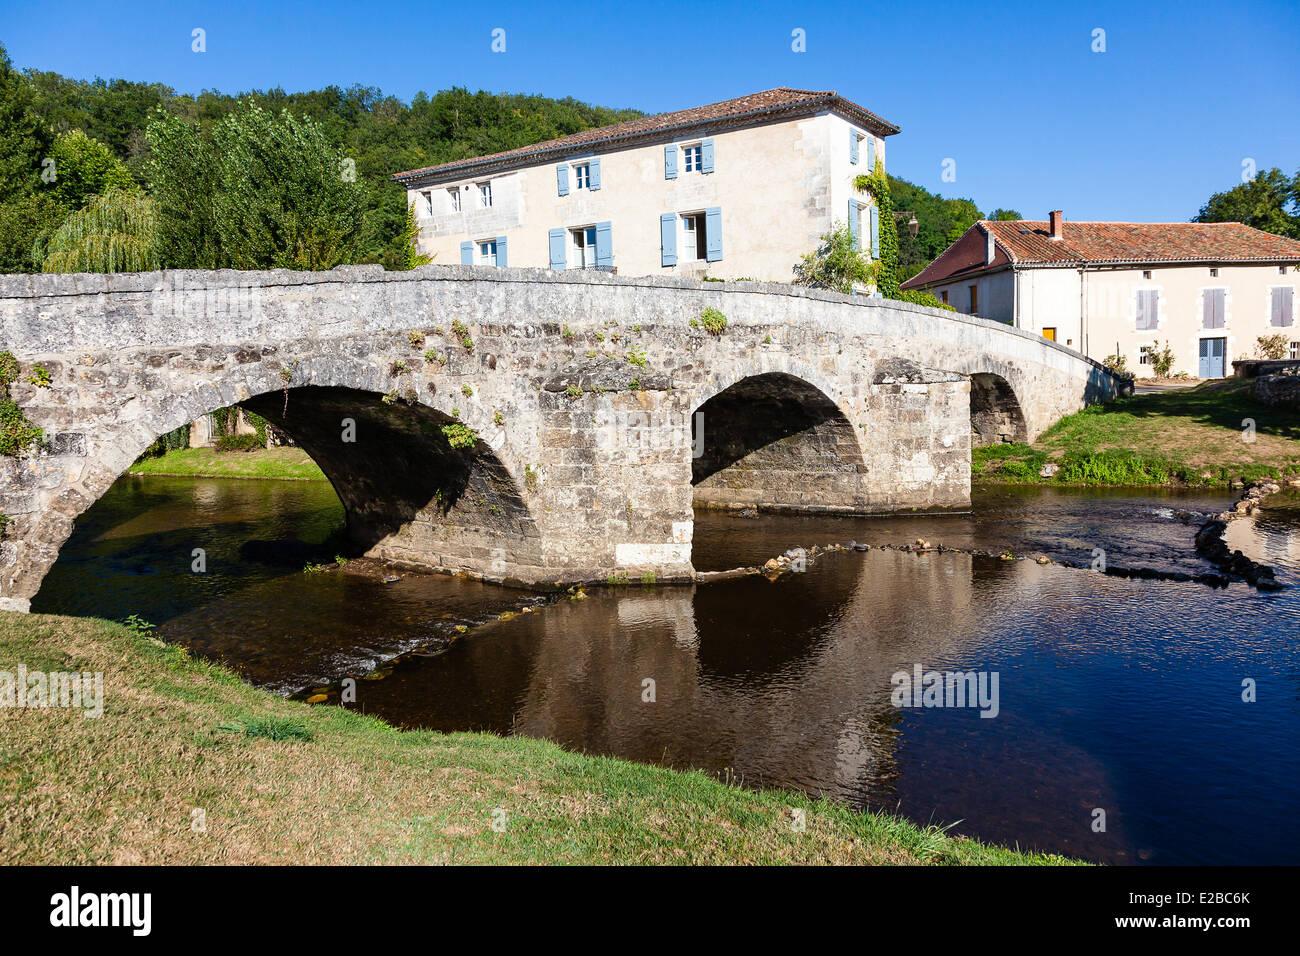 France, Dordogne, Perigord Vert, Saint Jean de Cole, labelled The Most Beautiful Villages of France, bridge - Stock Image